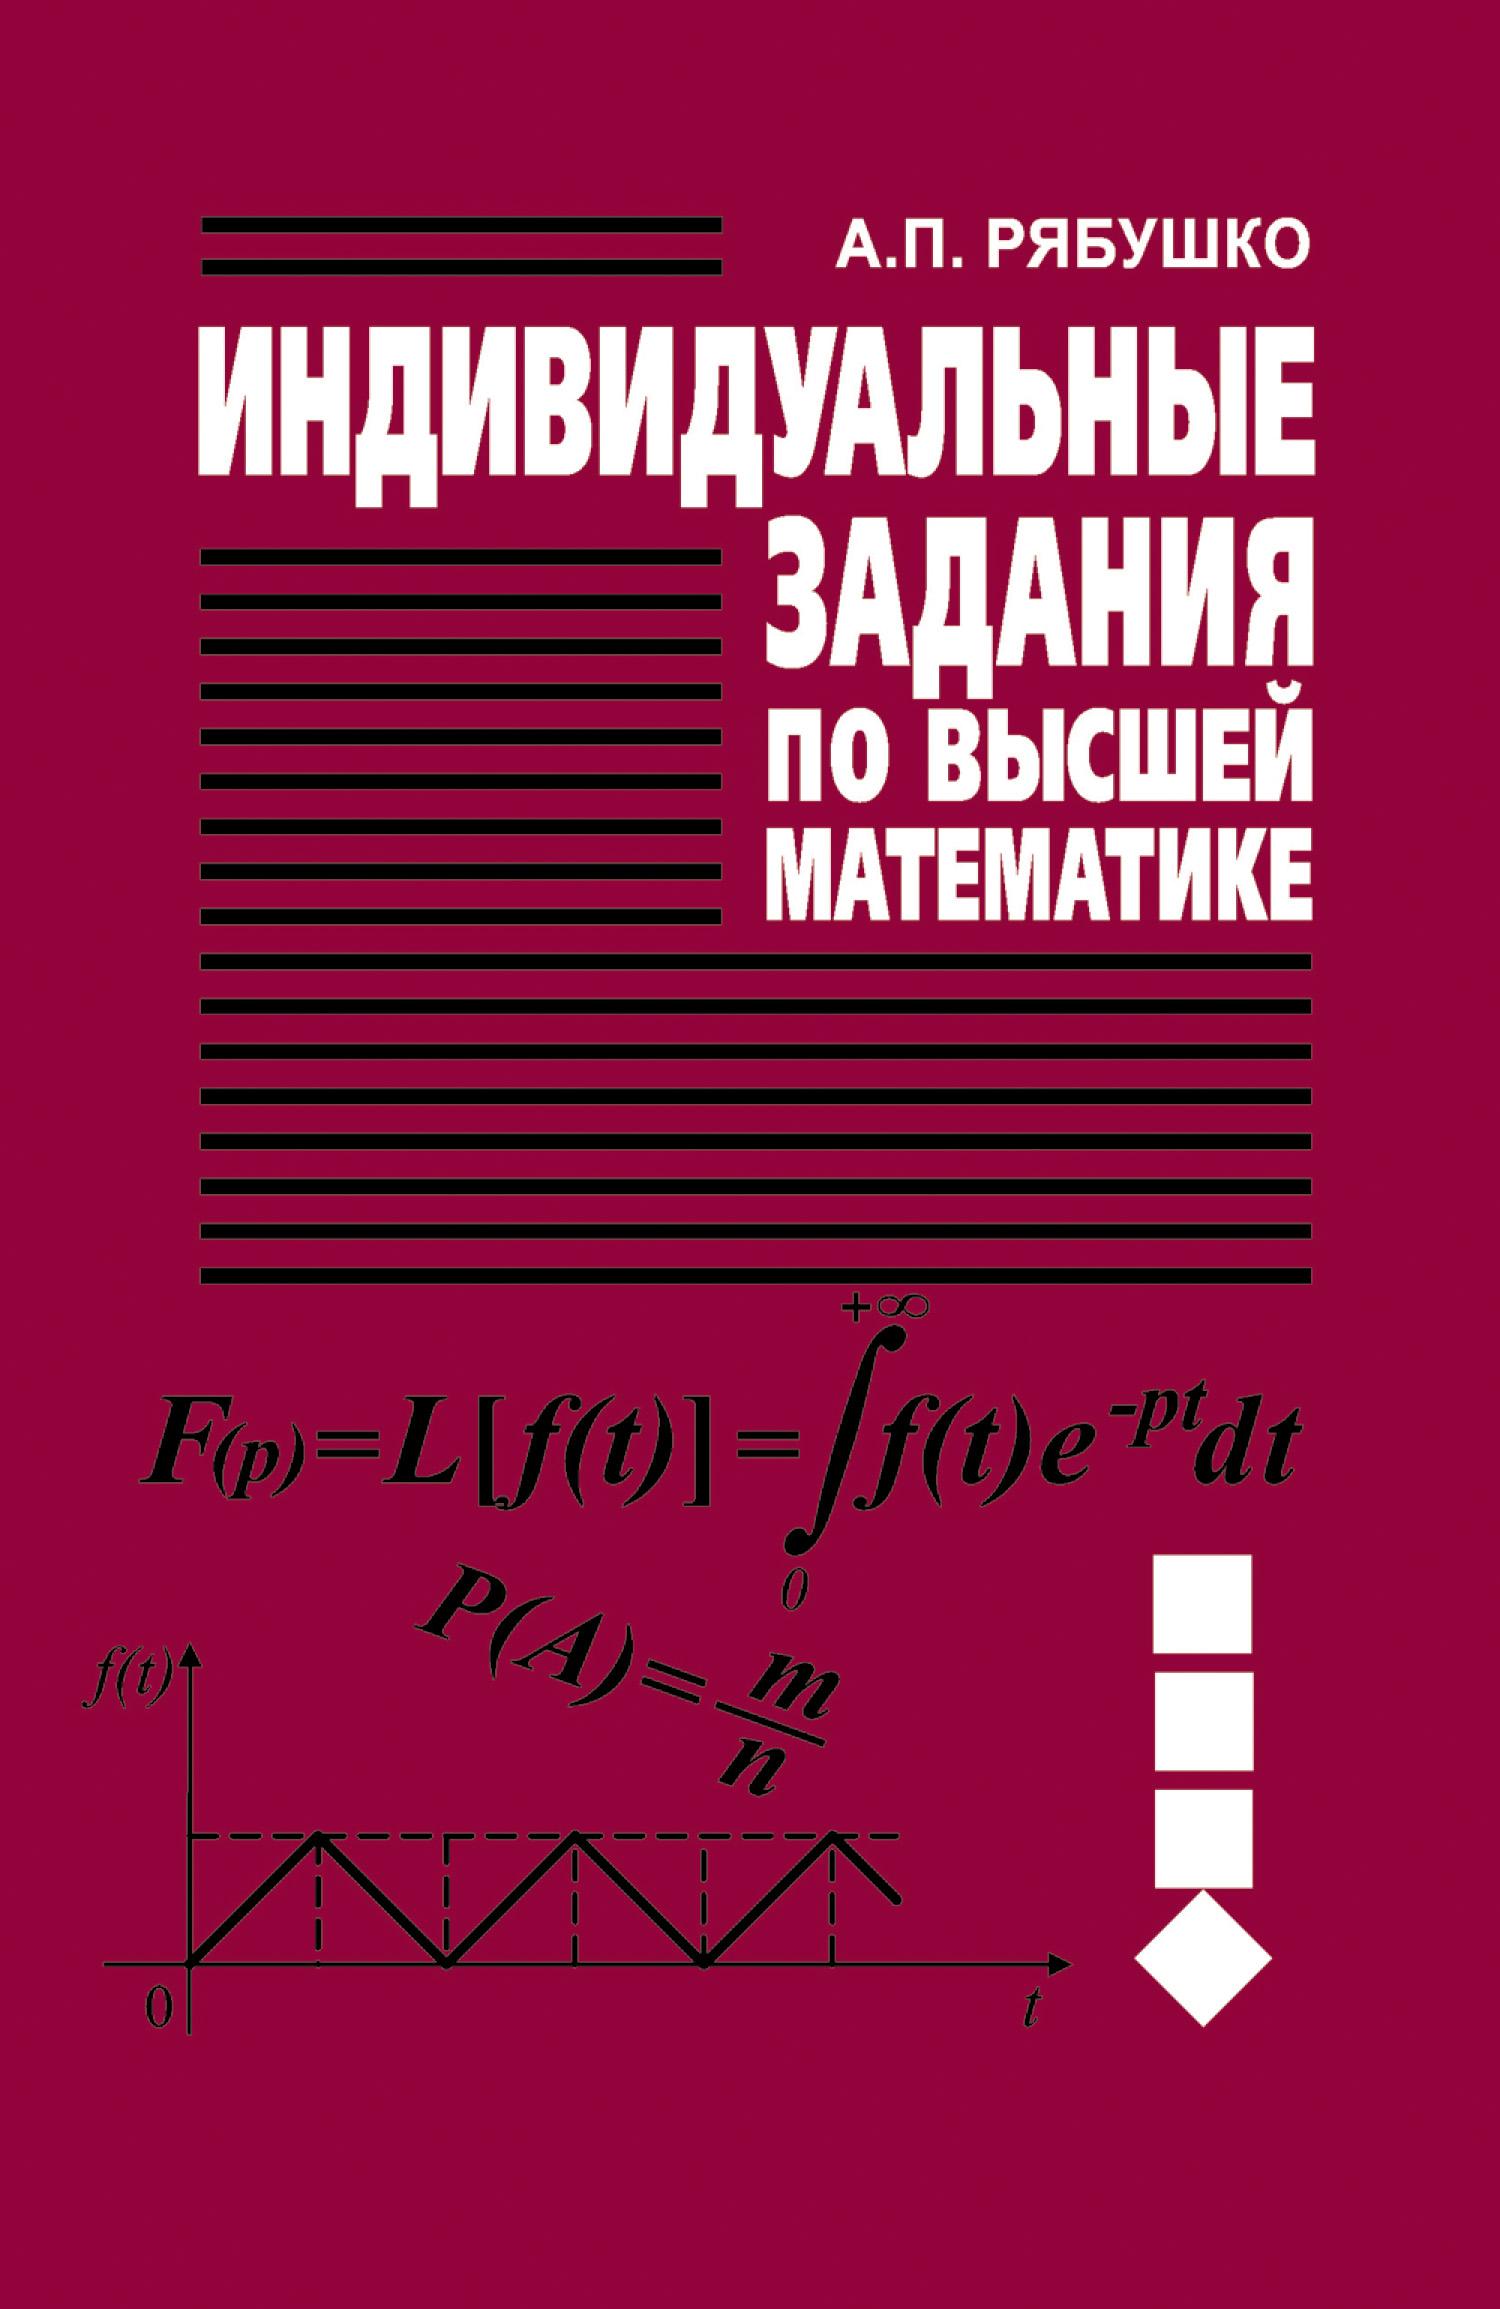 А. П. Рябушко Индивидуальные задания по высшей математике. Часть 4. Операционное исчисление. Элементы теории устойчивости. Теория вероятностей. Математическая статистика ахтямов а теория вероятностей для социально экономических специальностей